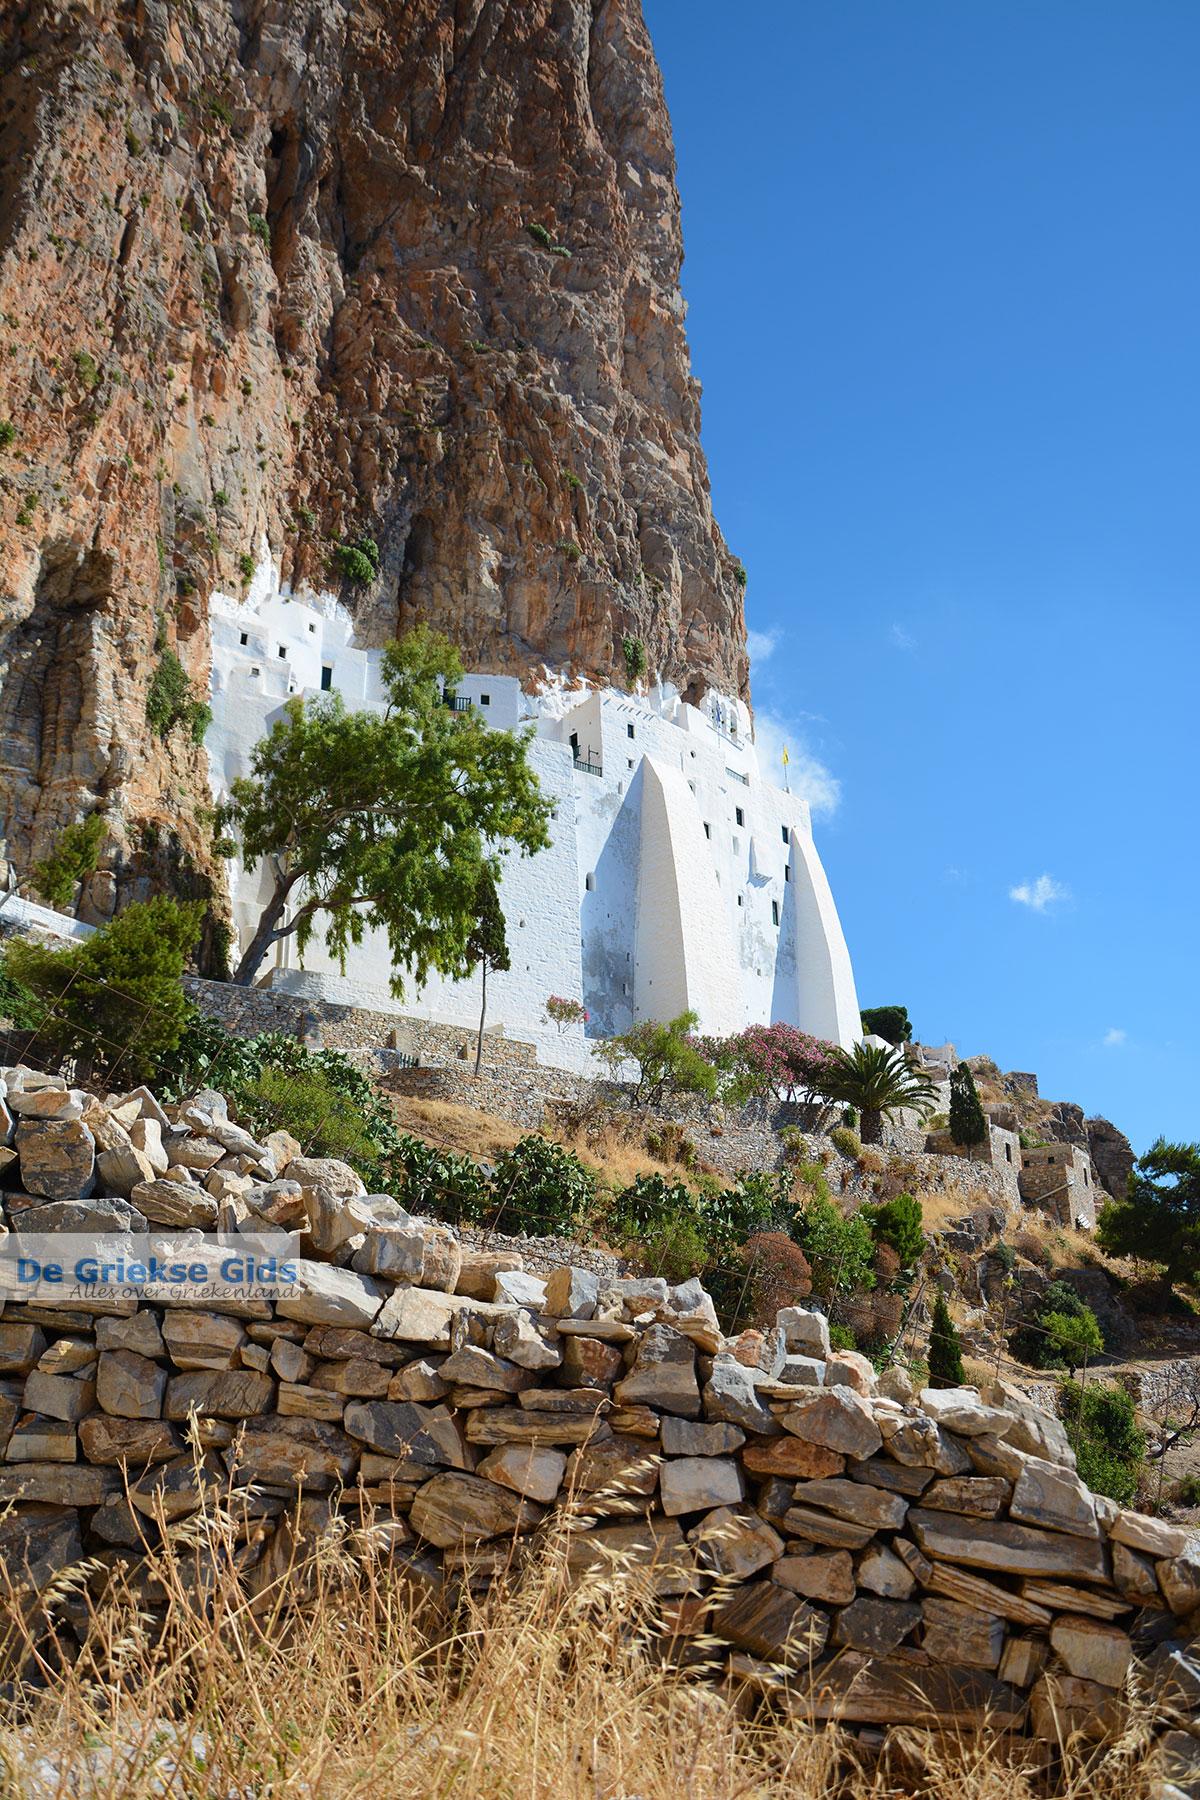 foto Chozoviotissa Amorgos - Eiland Amorgos - Cycladen foto 109